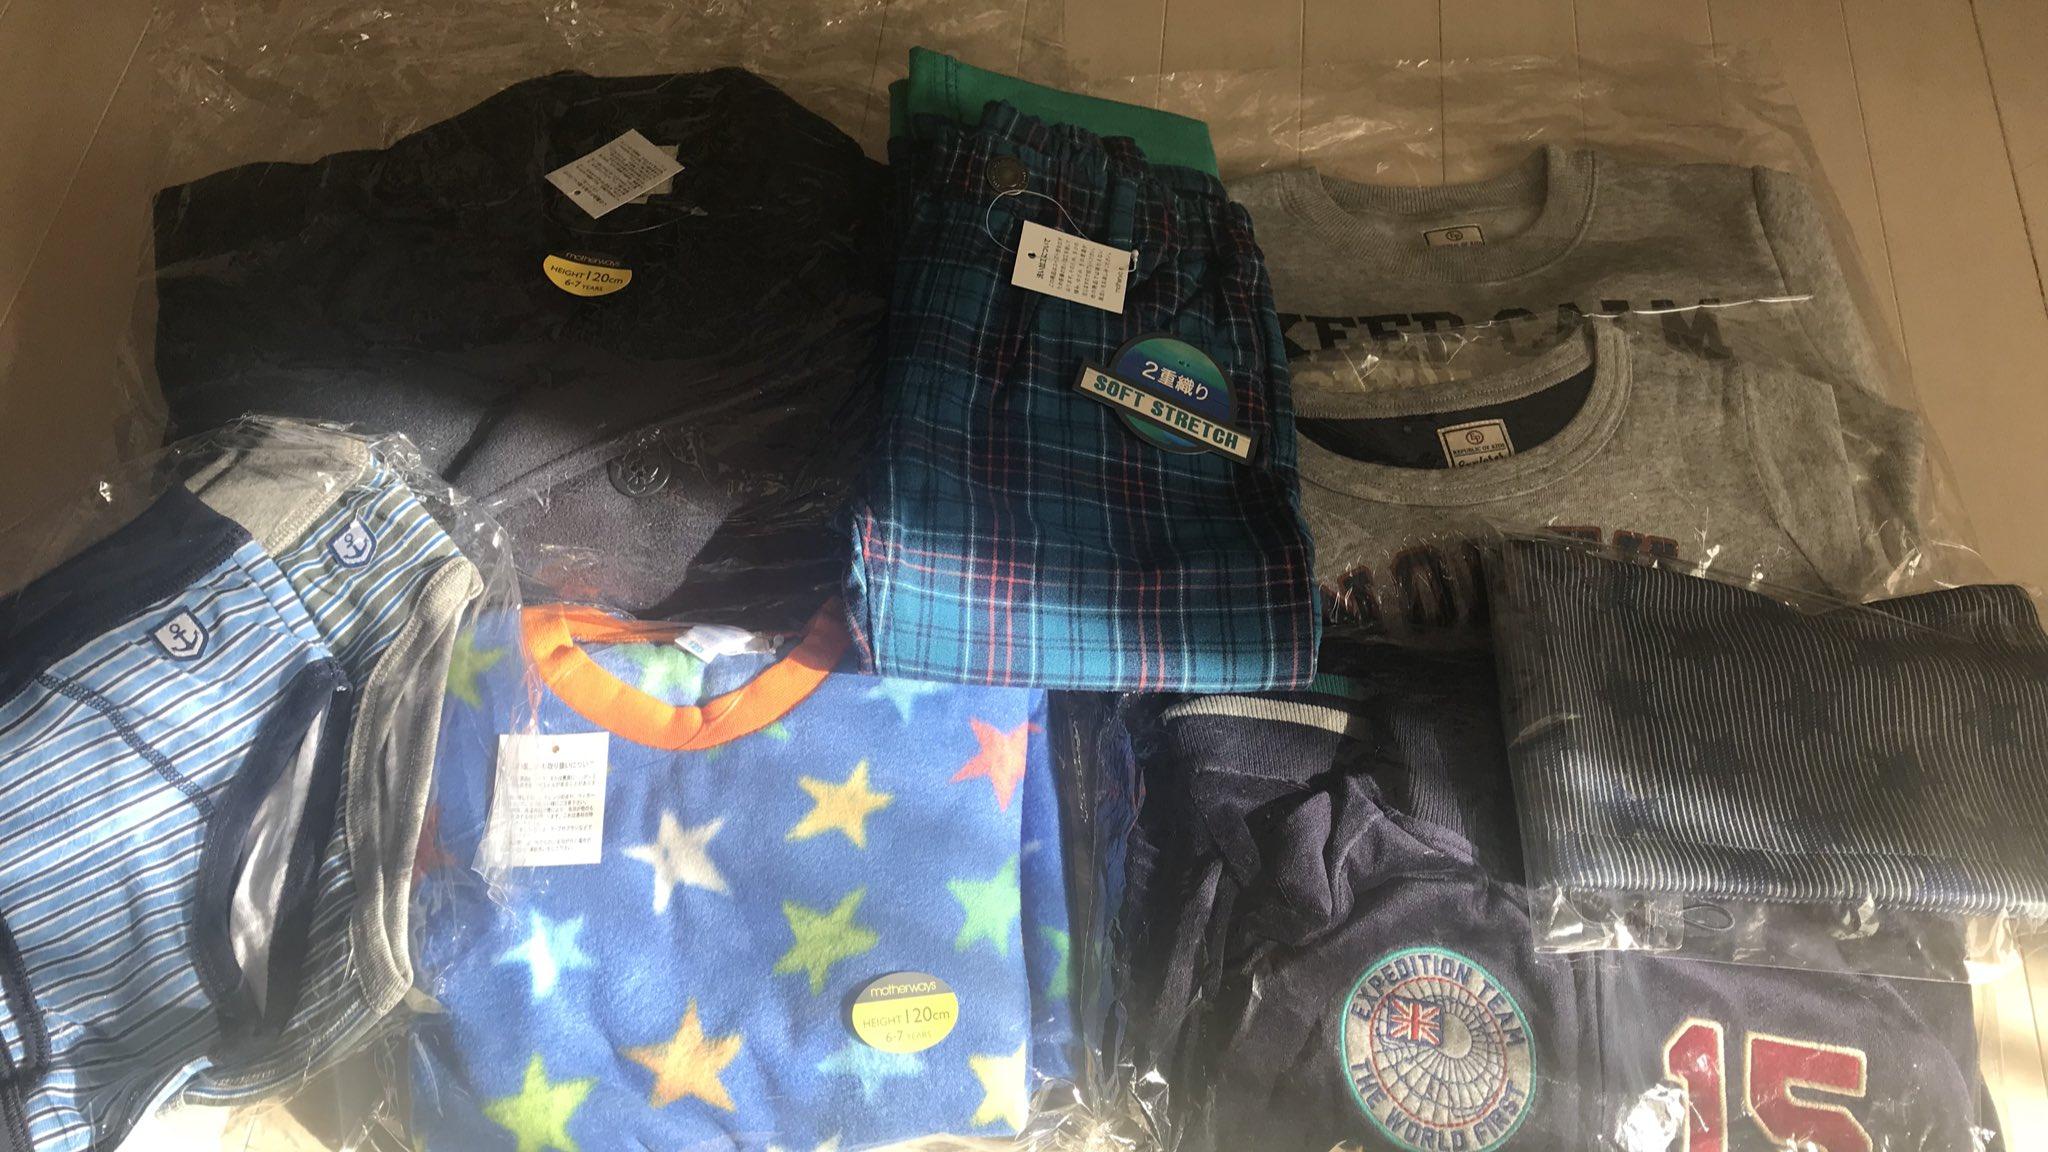 画像,マザウェイズ男児120の福袋届いた。120になると恐竜とかないんだね。フリースPコート、トレーナー、長袖Tシャツ、フリースパジャマ、ズボン、上下セット、おパンツ…